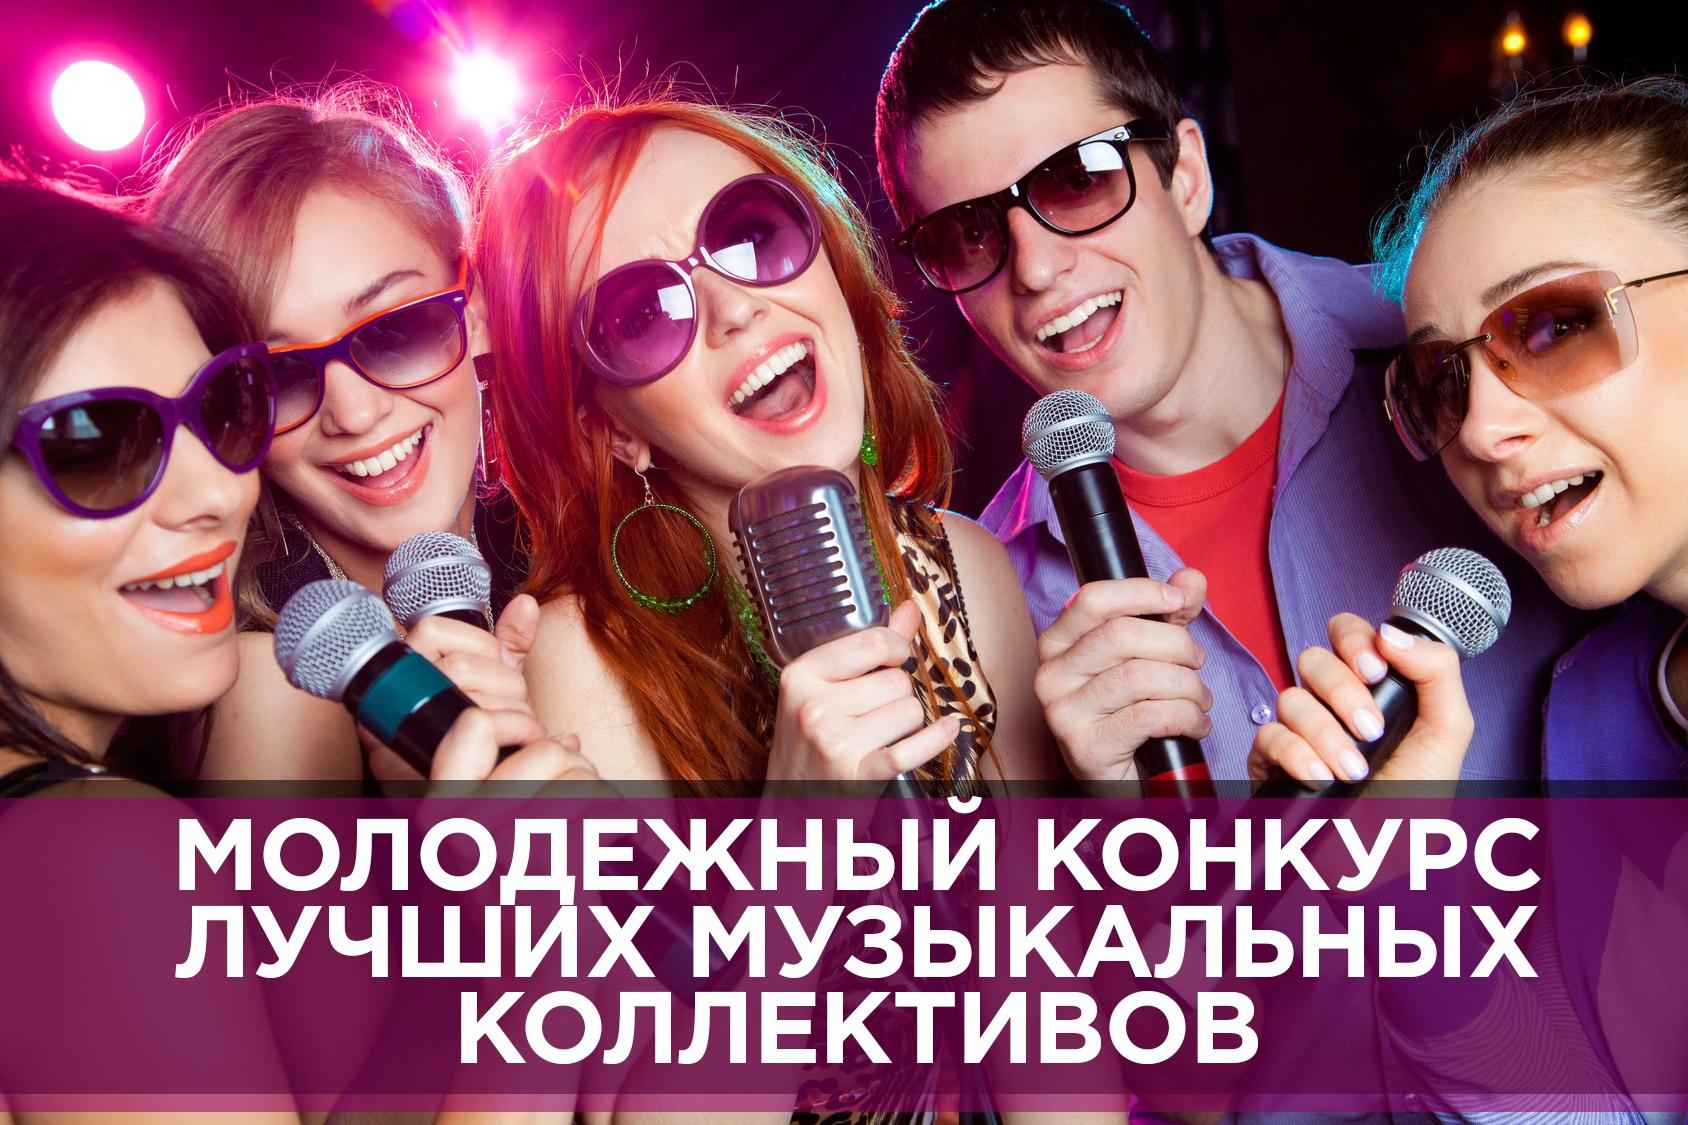 Молодежный конкурс лучших музыкальных коллективов пройдет в Санкт-Петербурге